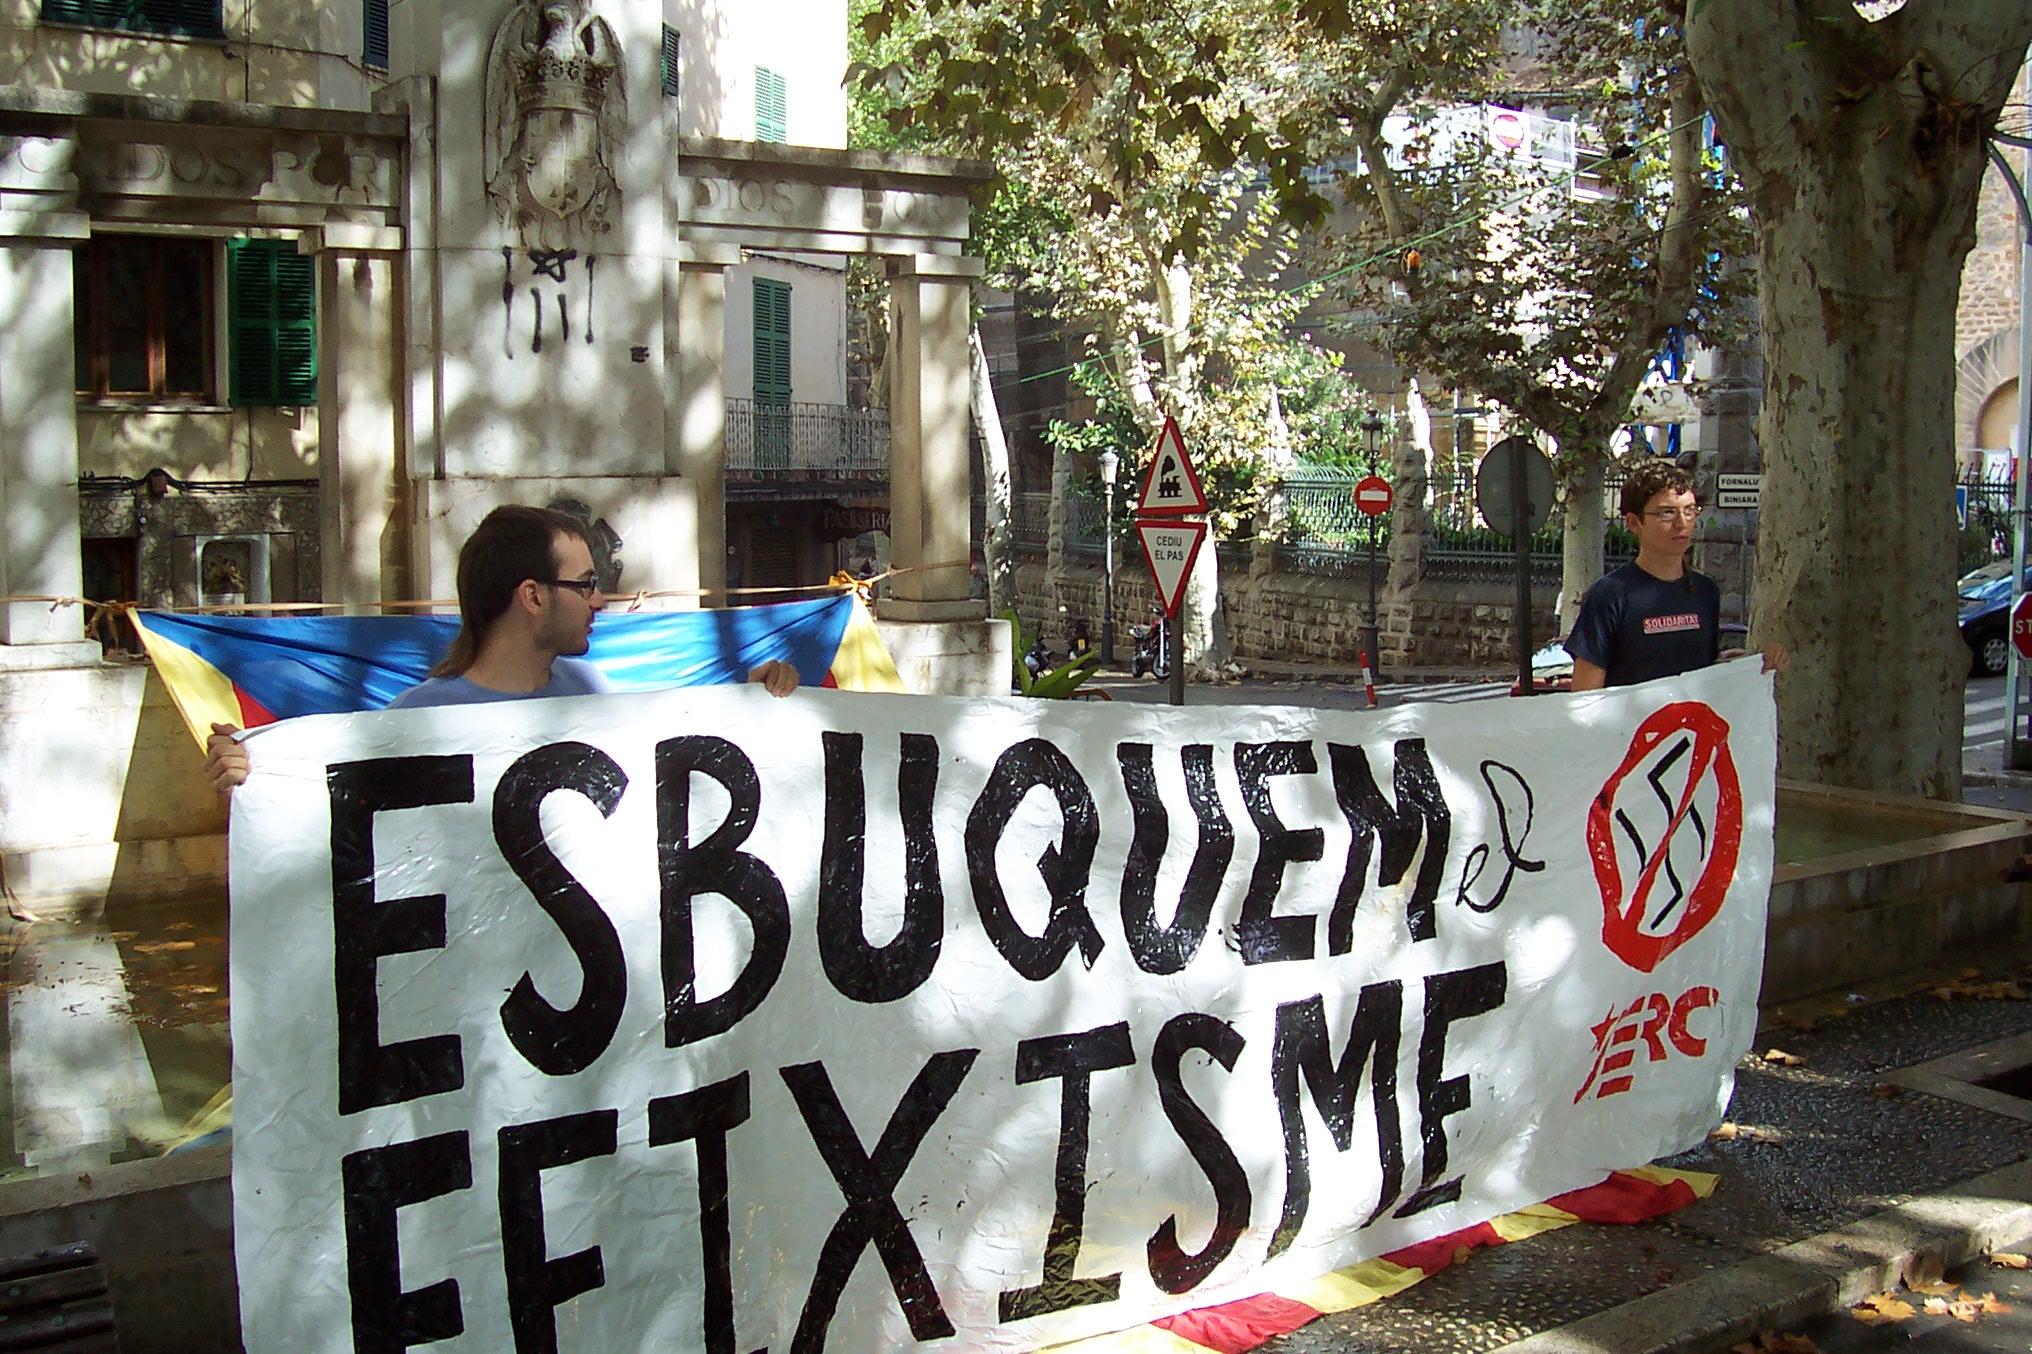 Campanya esbuquem el feixisme